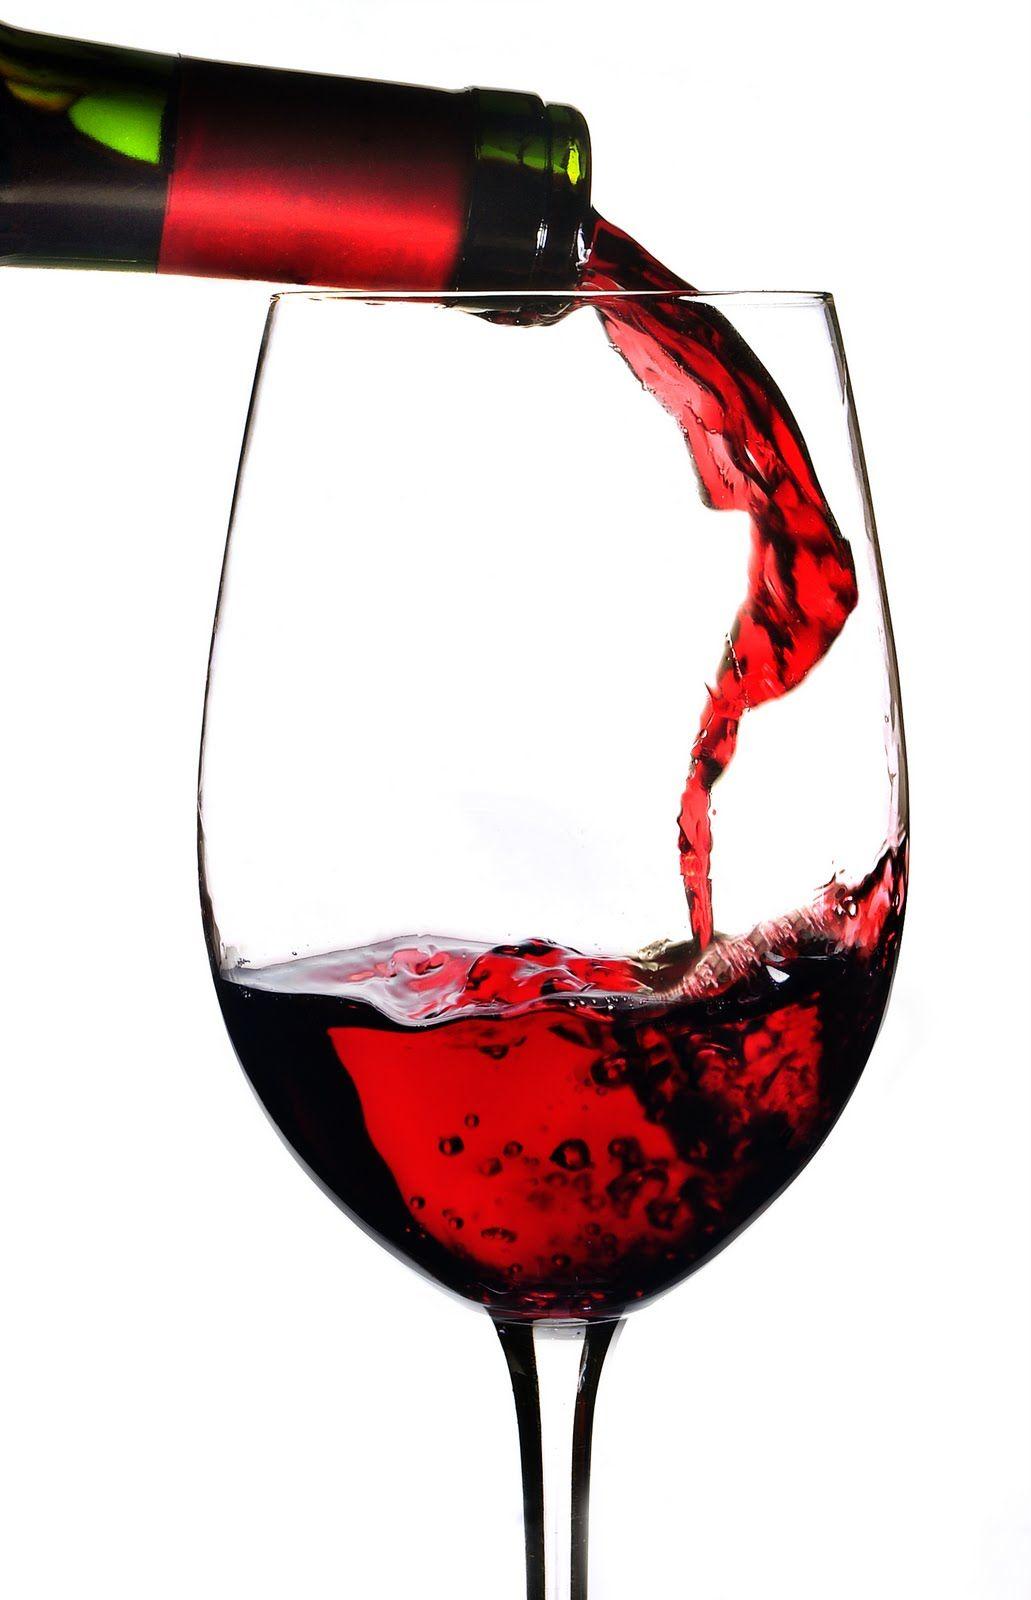 Si Bien La Penicilina Cura A Los Hombres El Vino Les Hace Felices Sir Alexander Fleming Copas De Vino Vino Vino Rioja